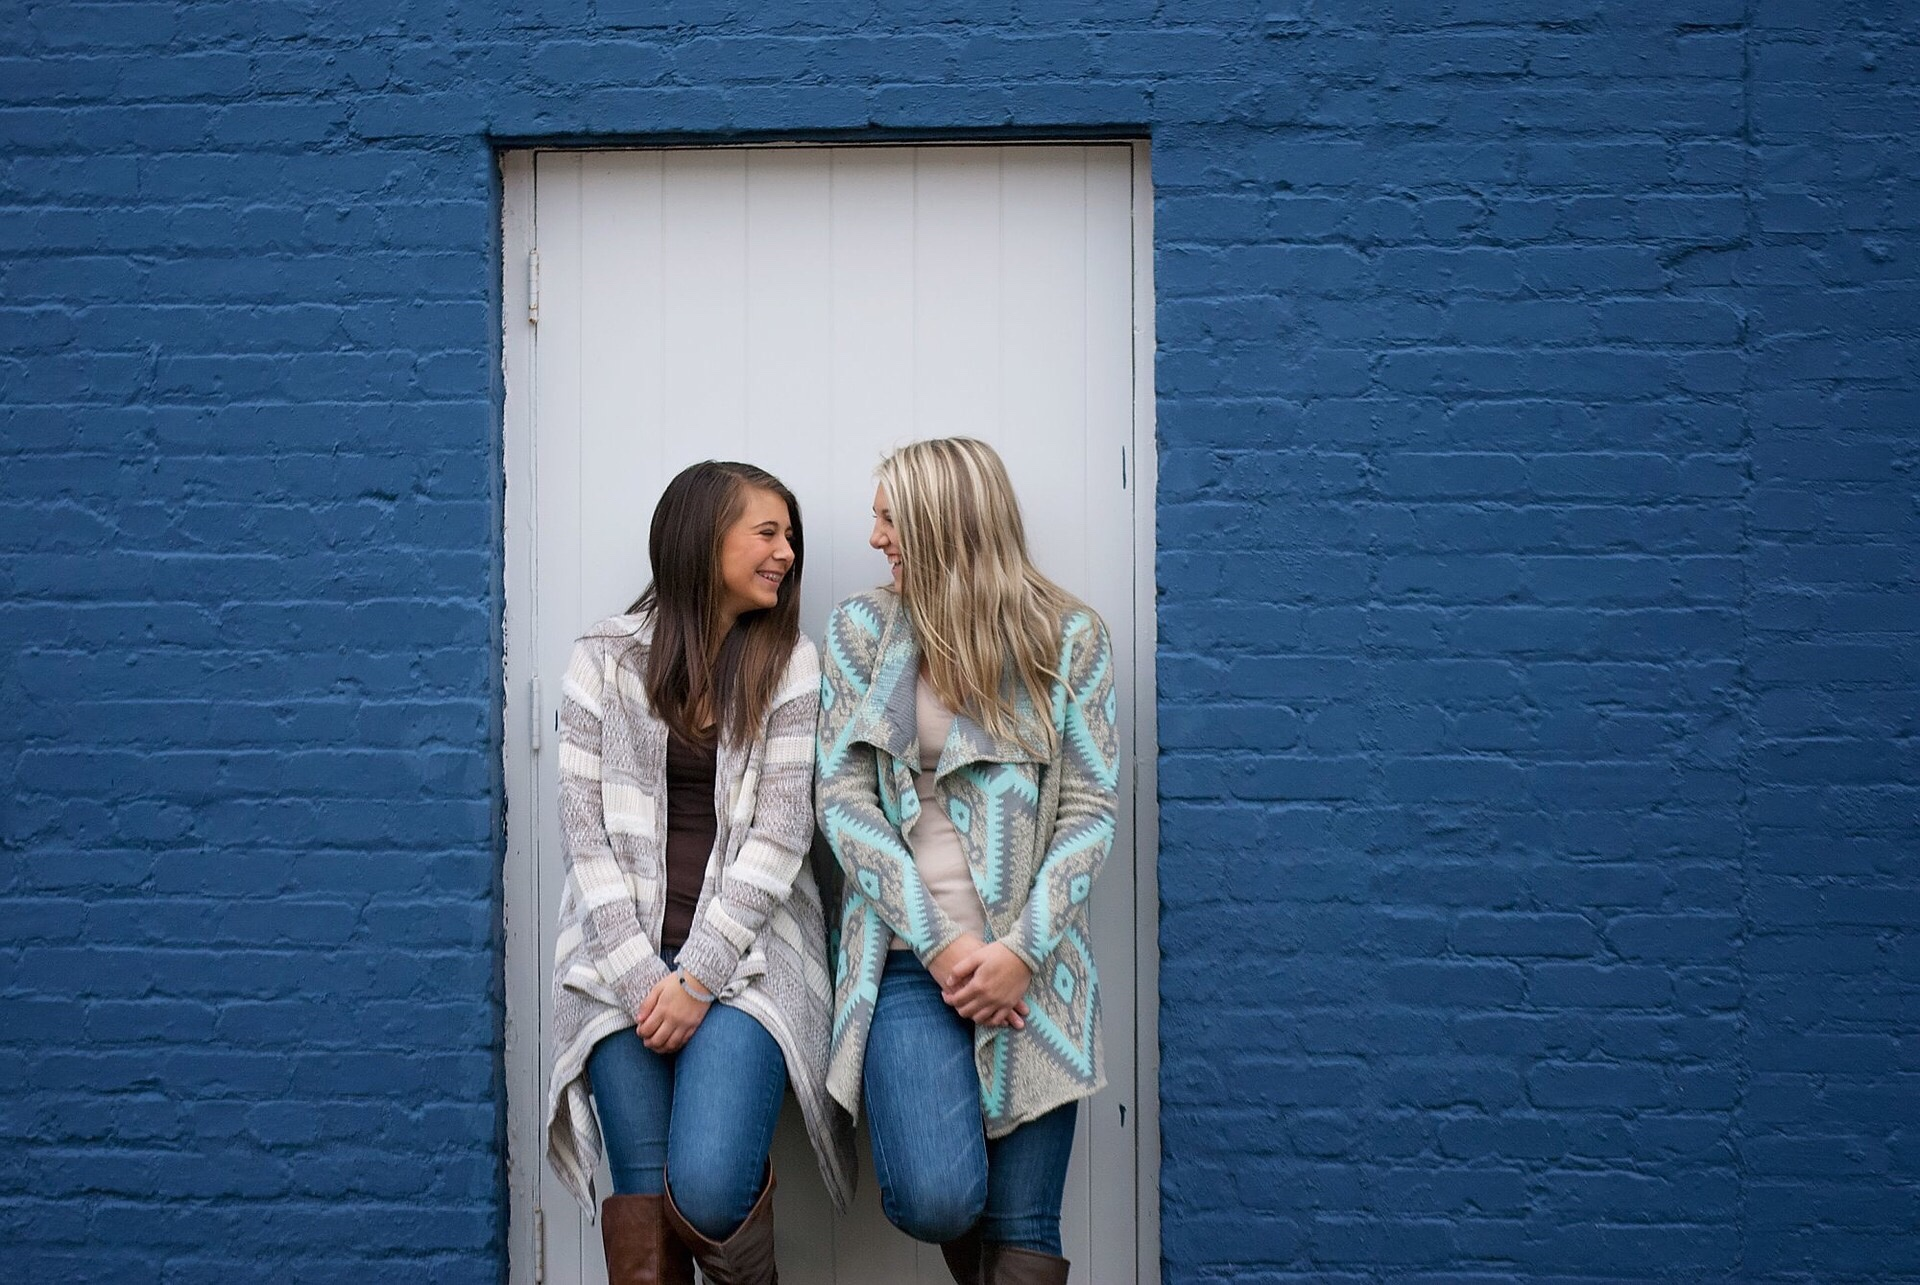 talk to friend